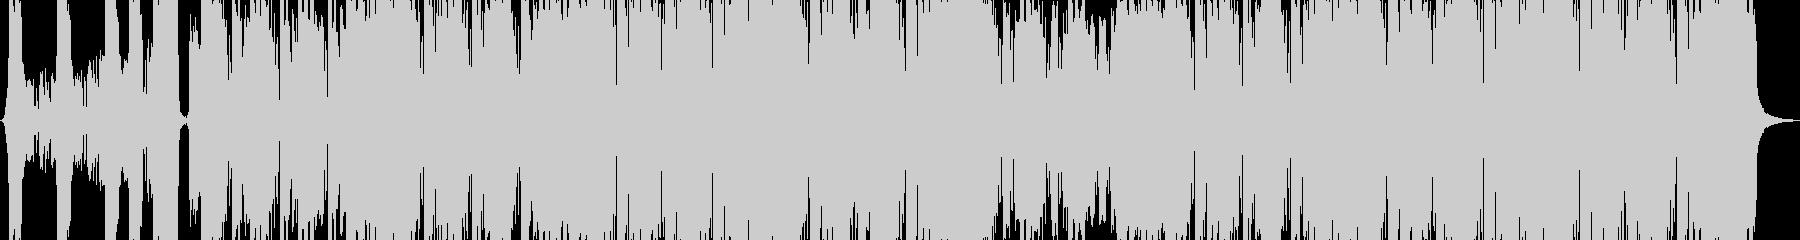 パワフルでスタイリッシュなロックの未再生の波形